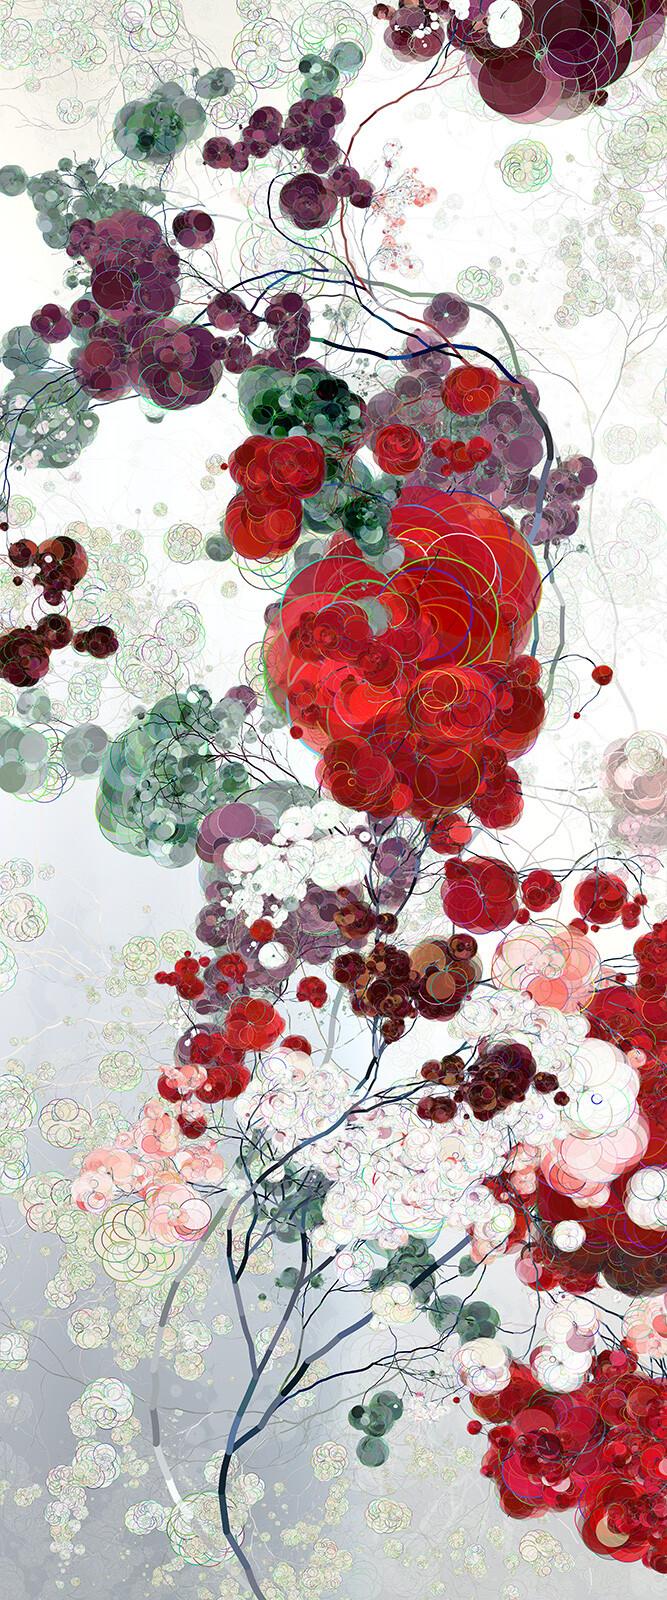 Run into Roses III - Holger Lippmann